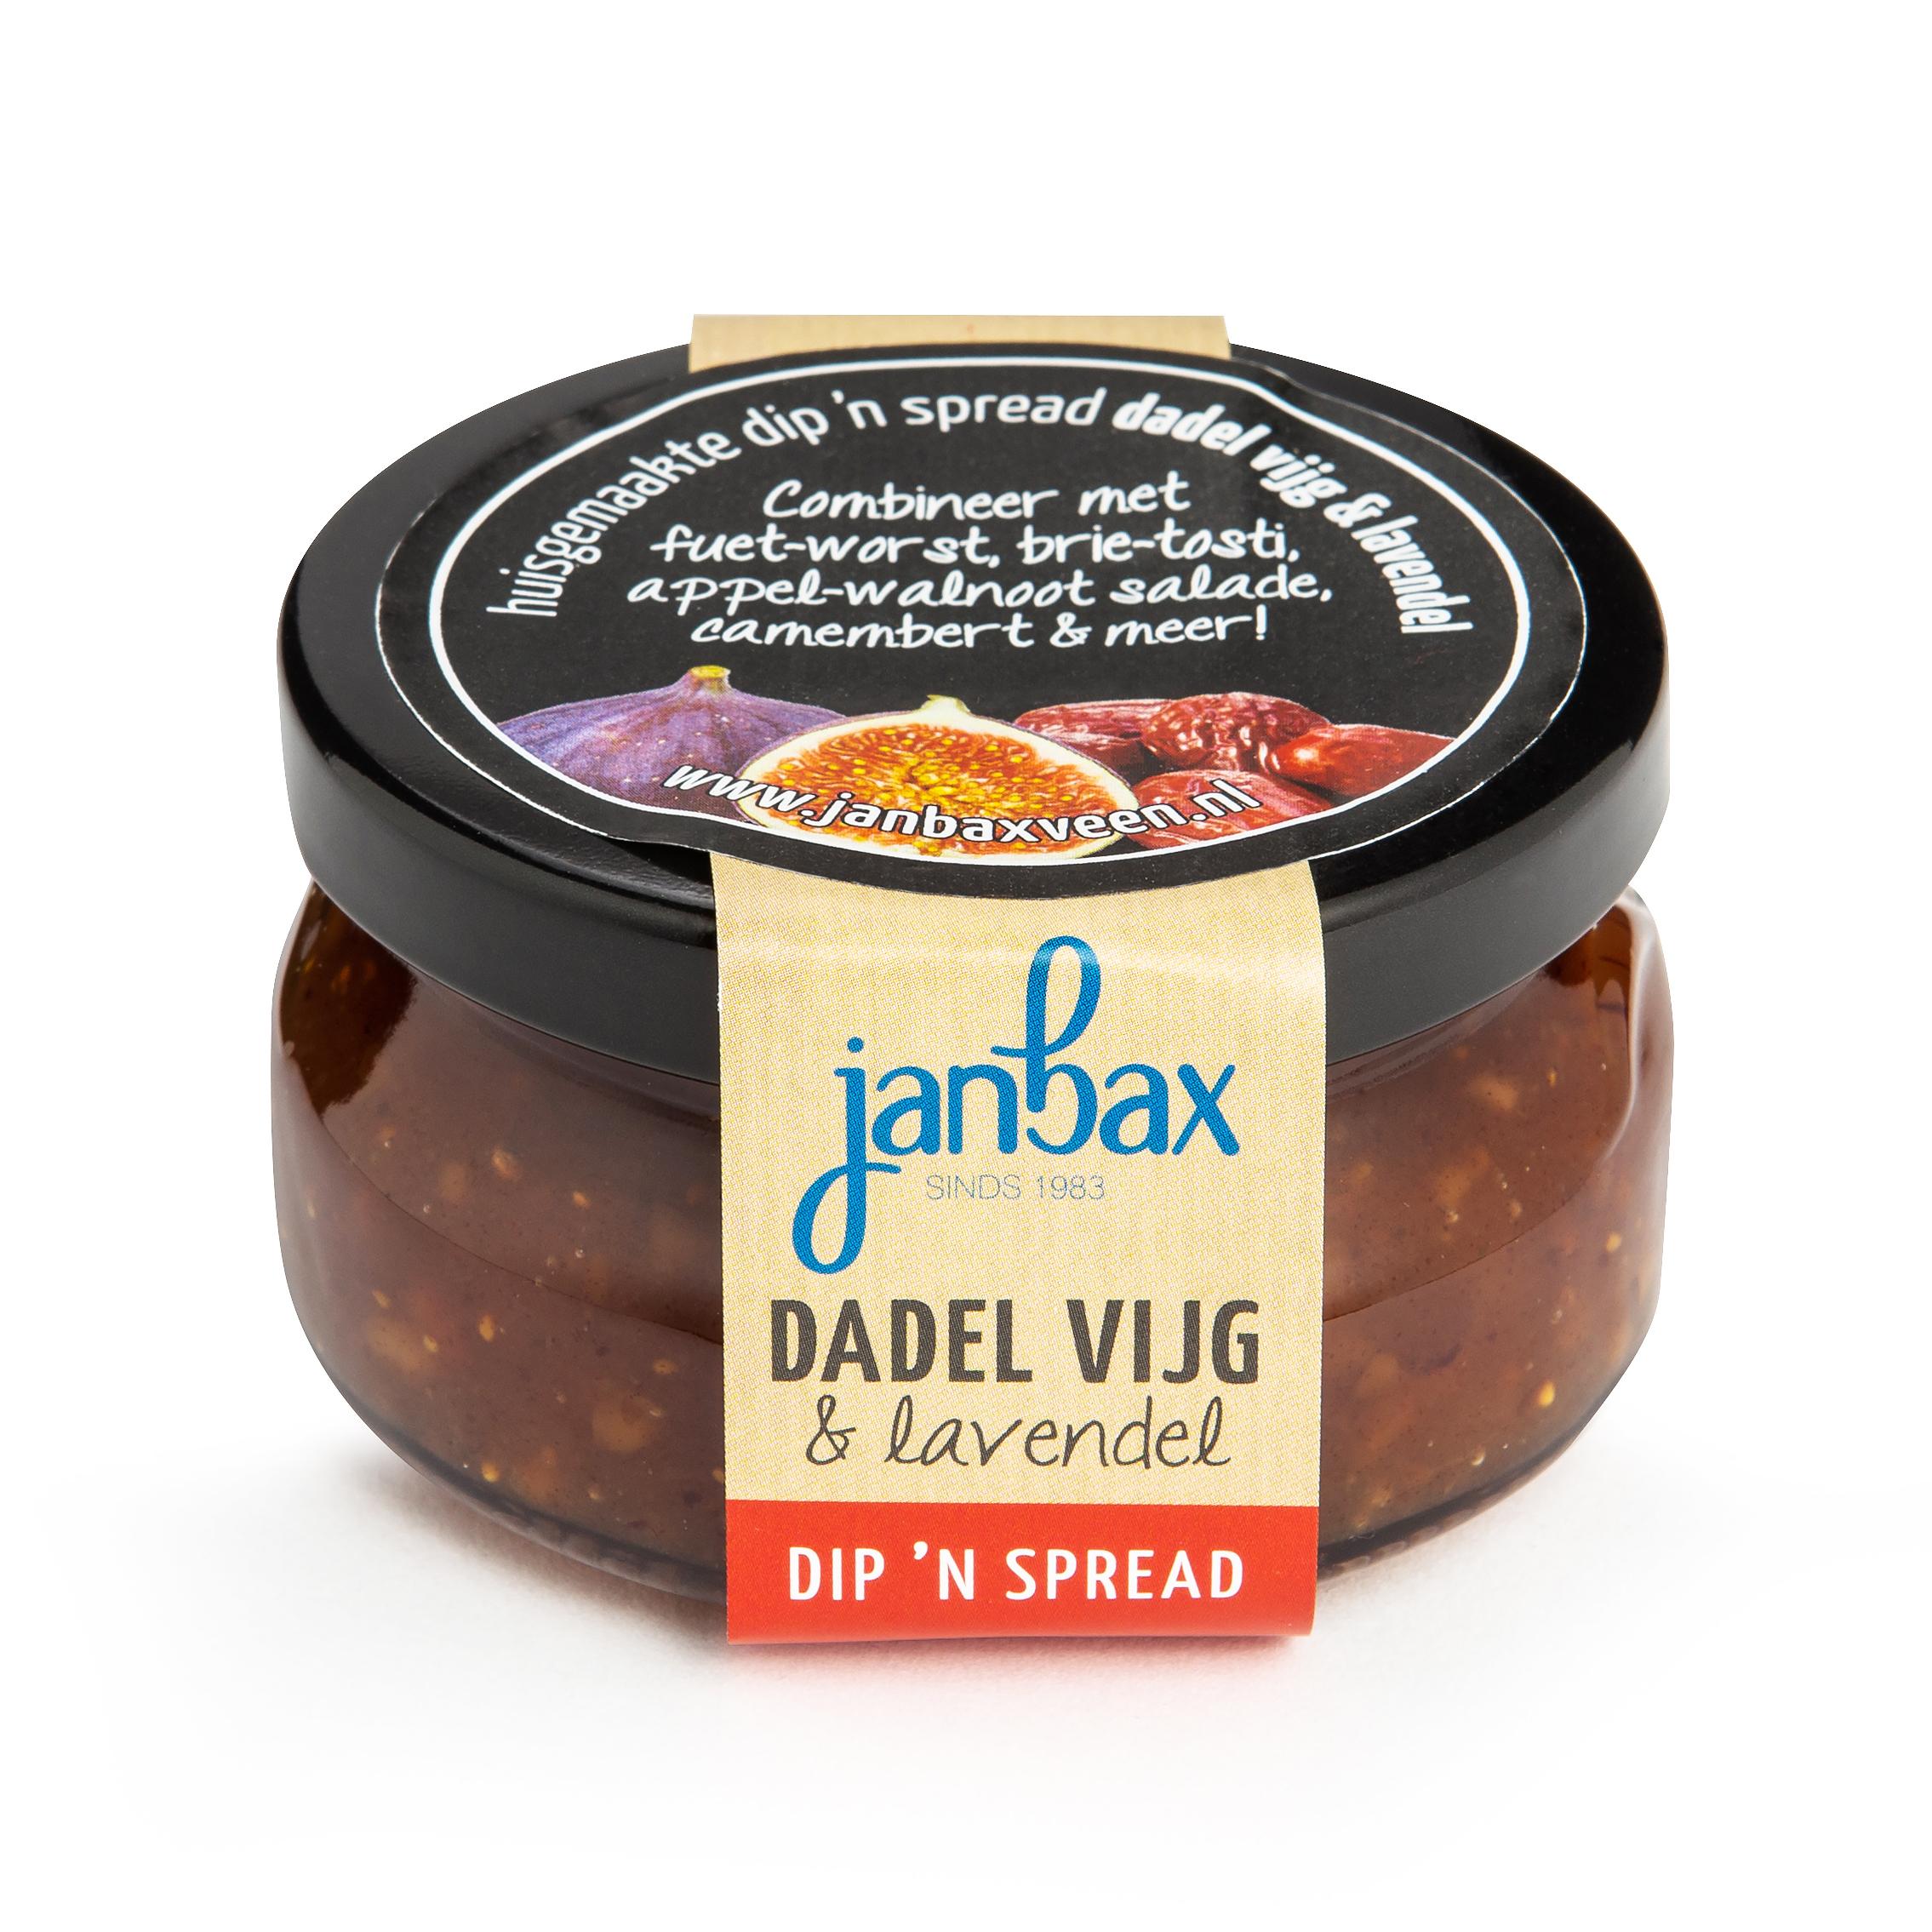 Dip'n spread dadel-vijg met lavendel